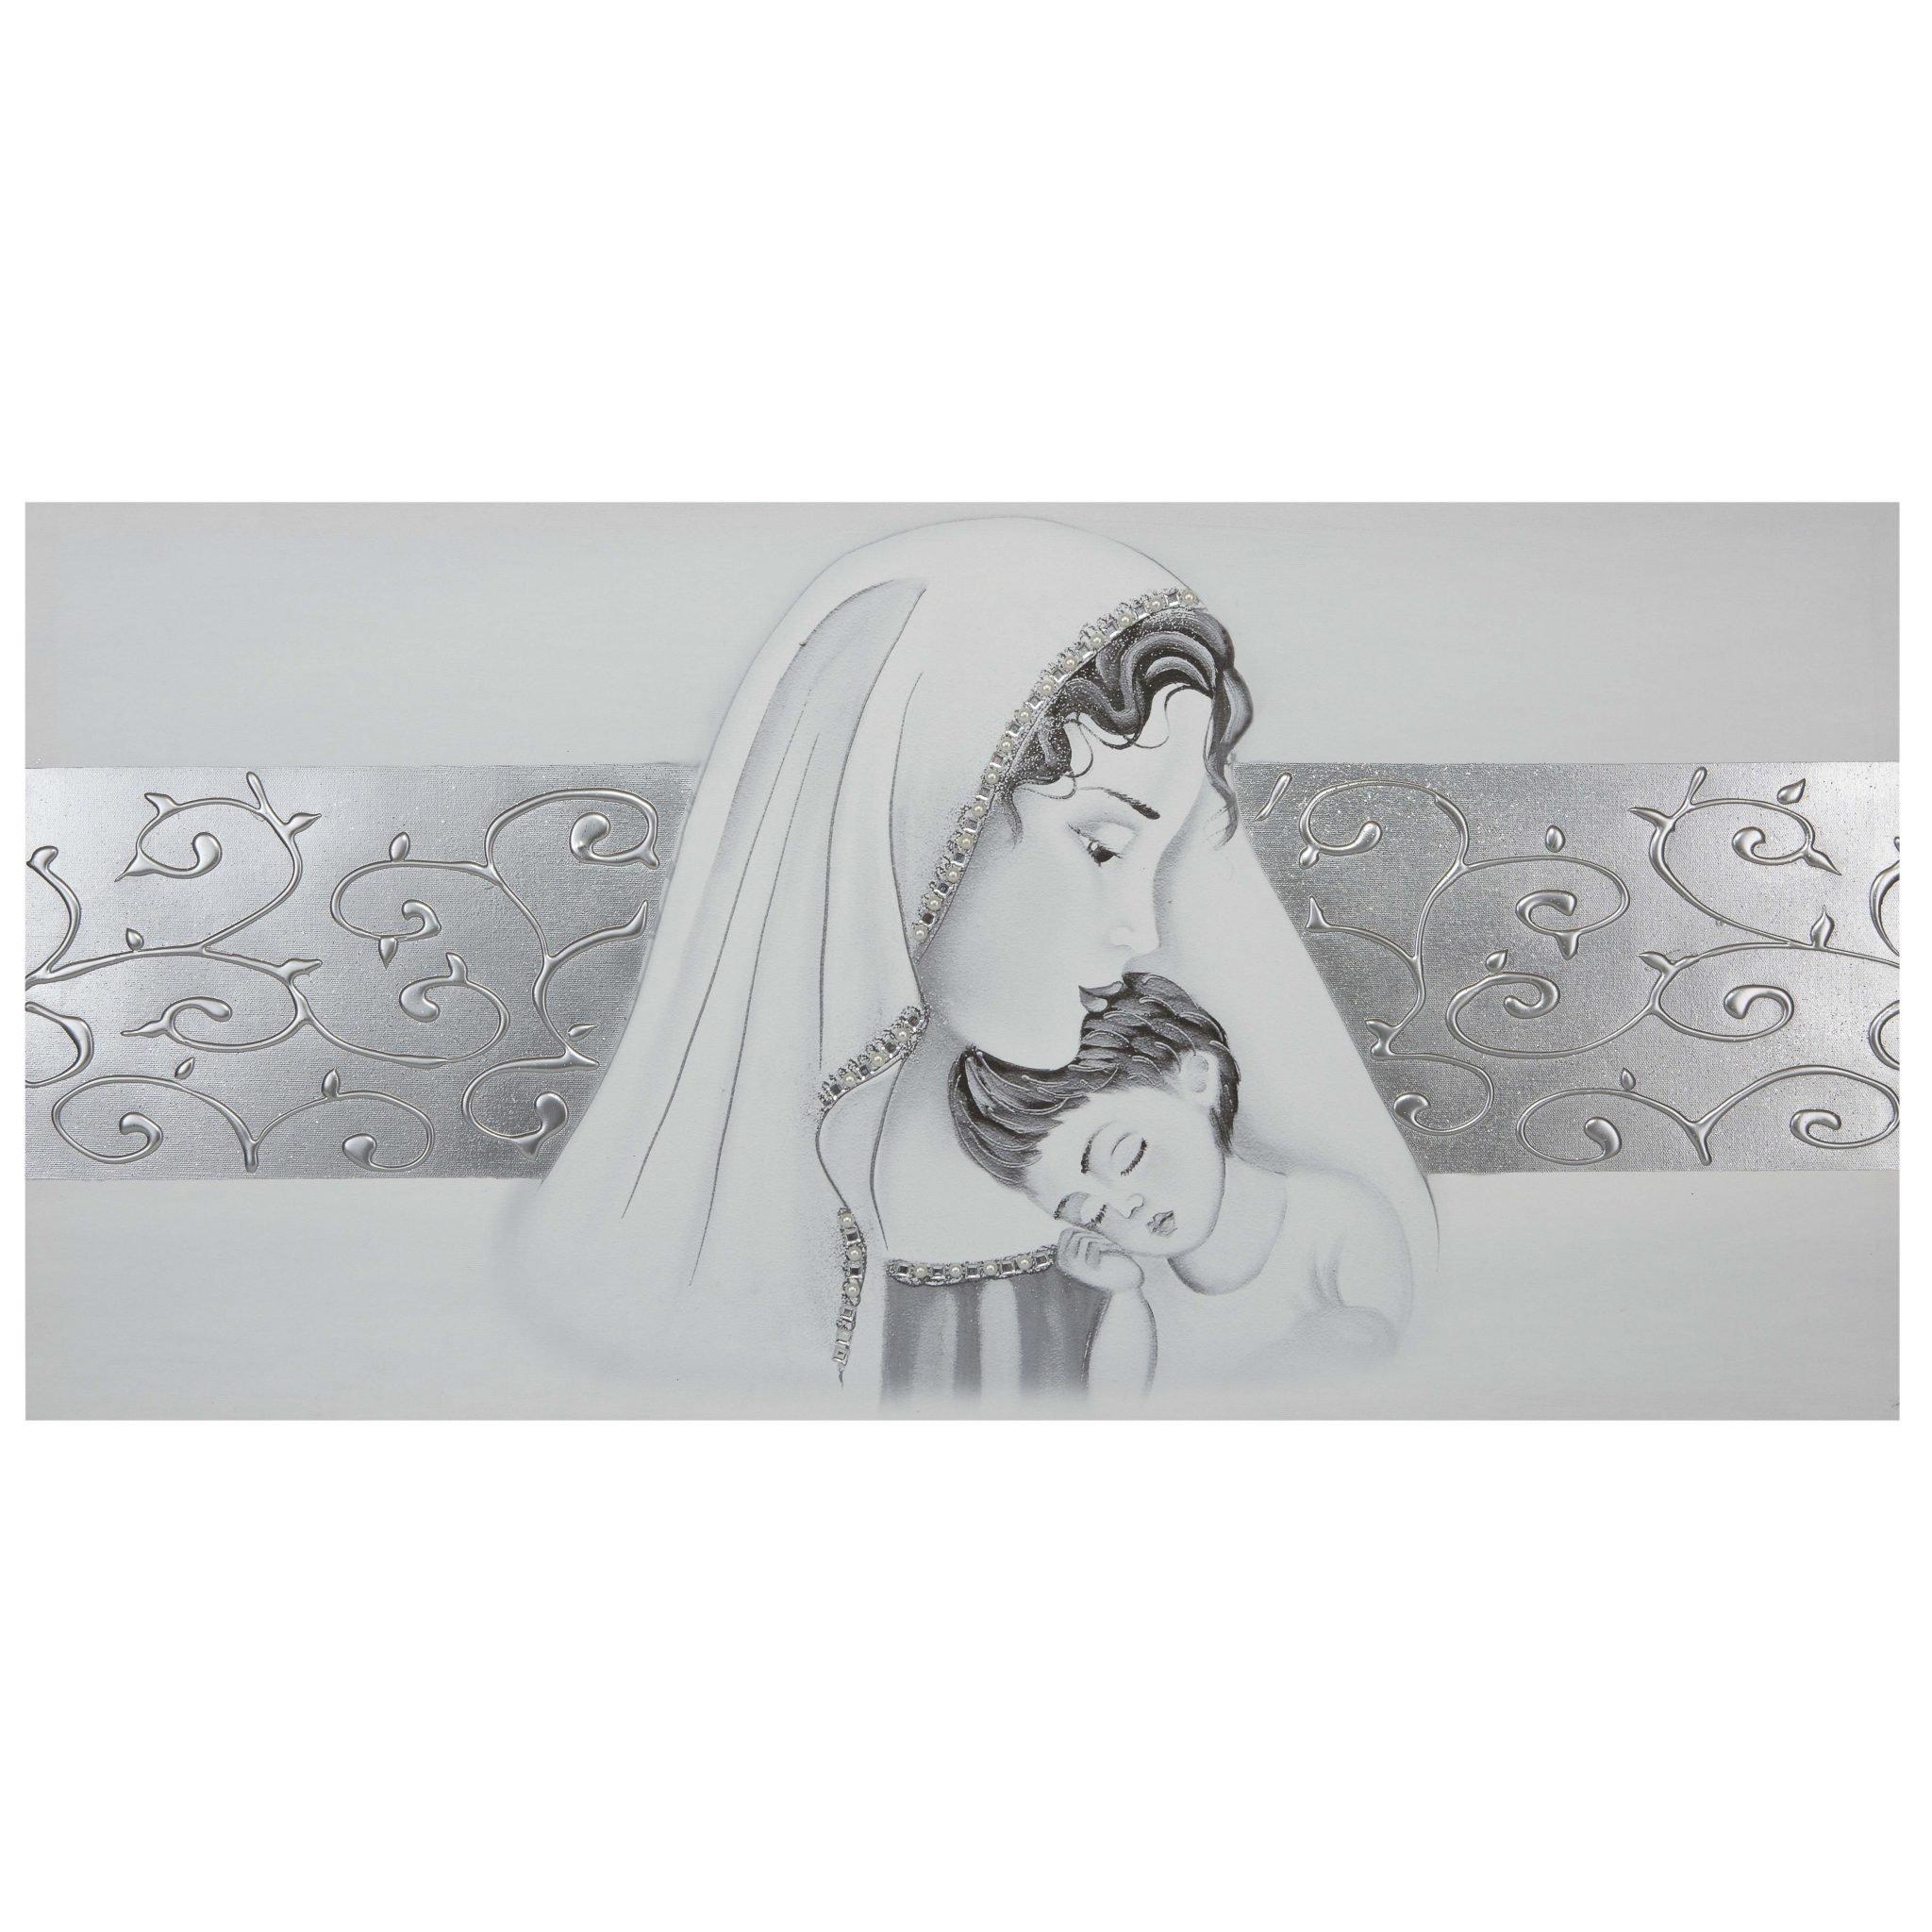 Capezzali Per Camera Da Letto.Quadro Capezzale Camera Da Letto Maternita Con Fascia Centrale